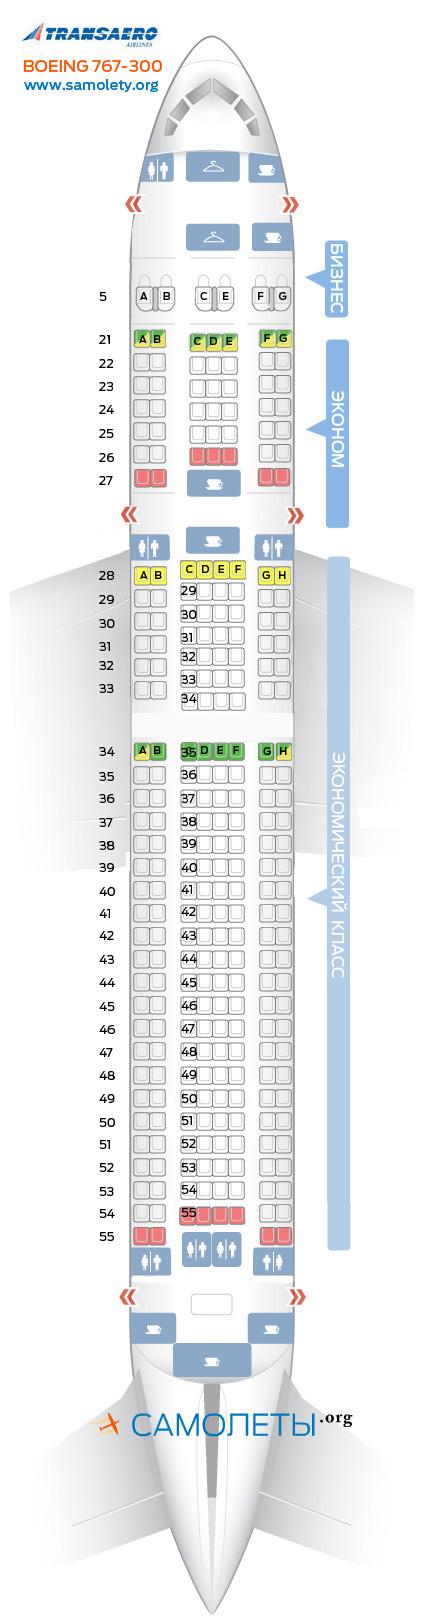 Схема салона Boeing 767-300 Трансаэро